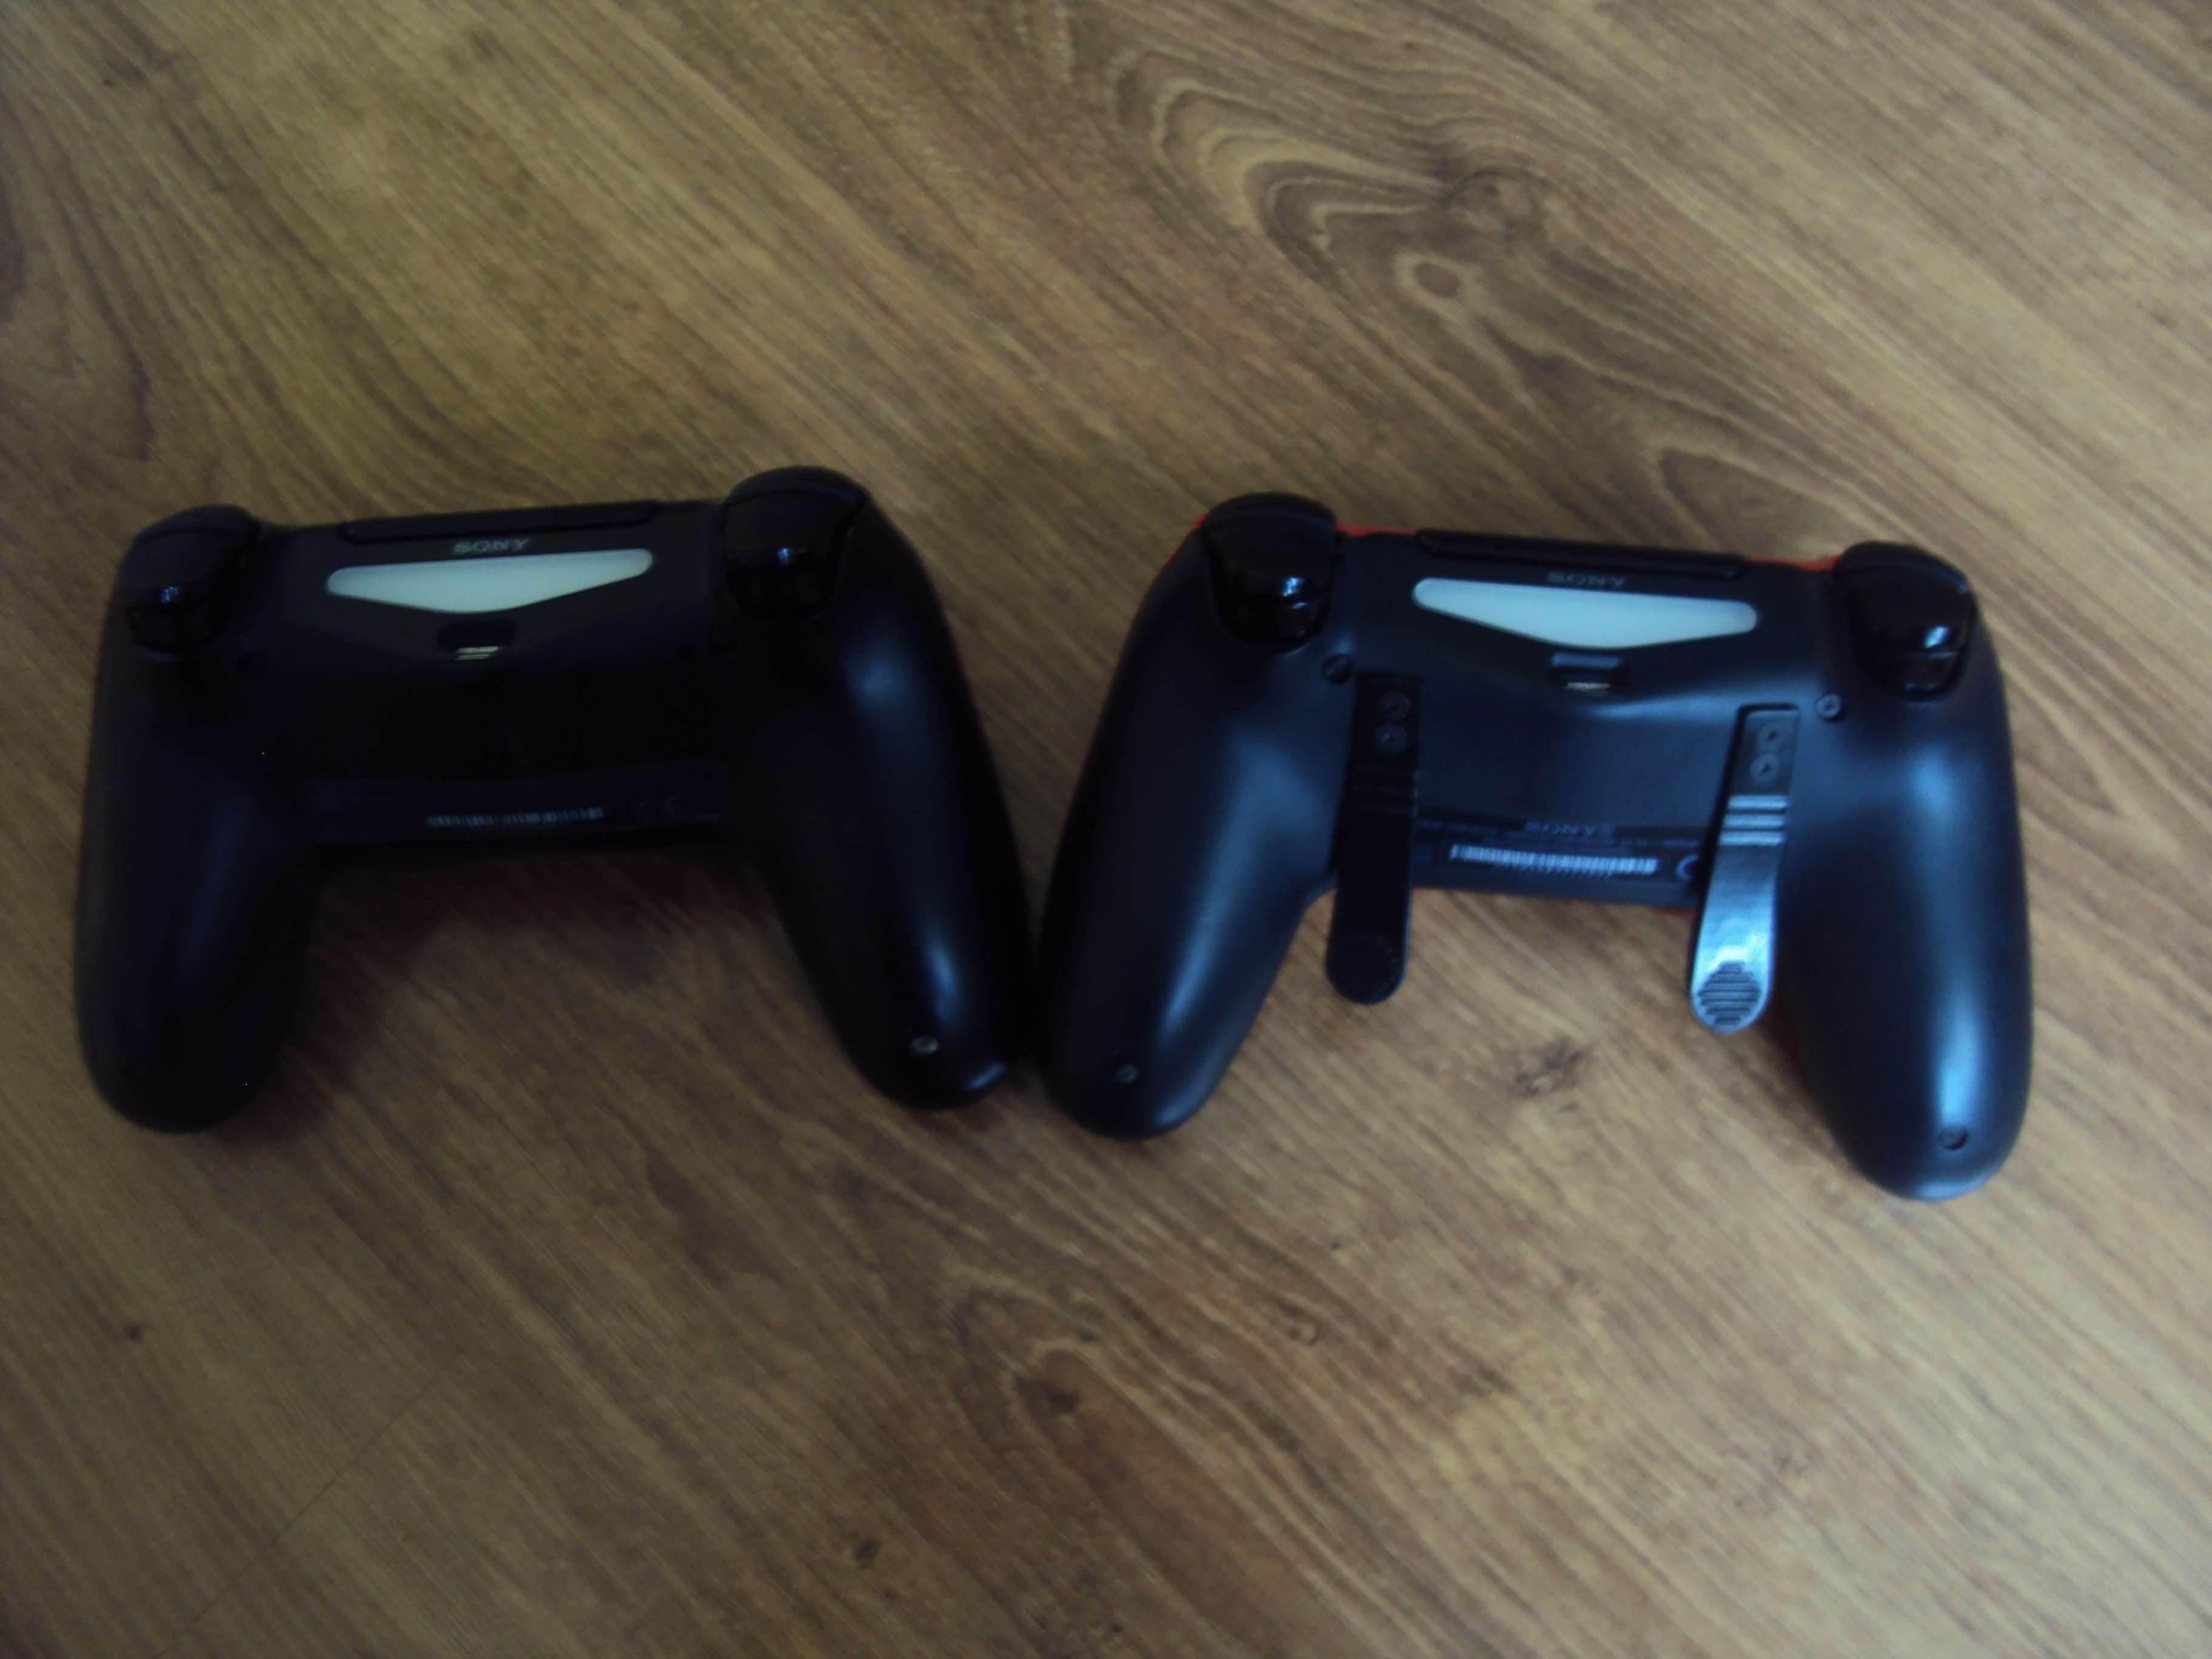 Sony DualShock 4 (ShockControllers) - test i recenzja recenzje, ciekawostki Sony DualShock 4, ShockControllers, Recenzja  Do tej pory moim jedynym niestandardowym kontrolerem (przynajmniej według wyglądu) był DualShock 4 z limitowanej edycji Metal Gear Solid V The Phantom Pain. DSC02664